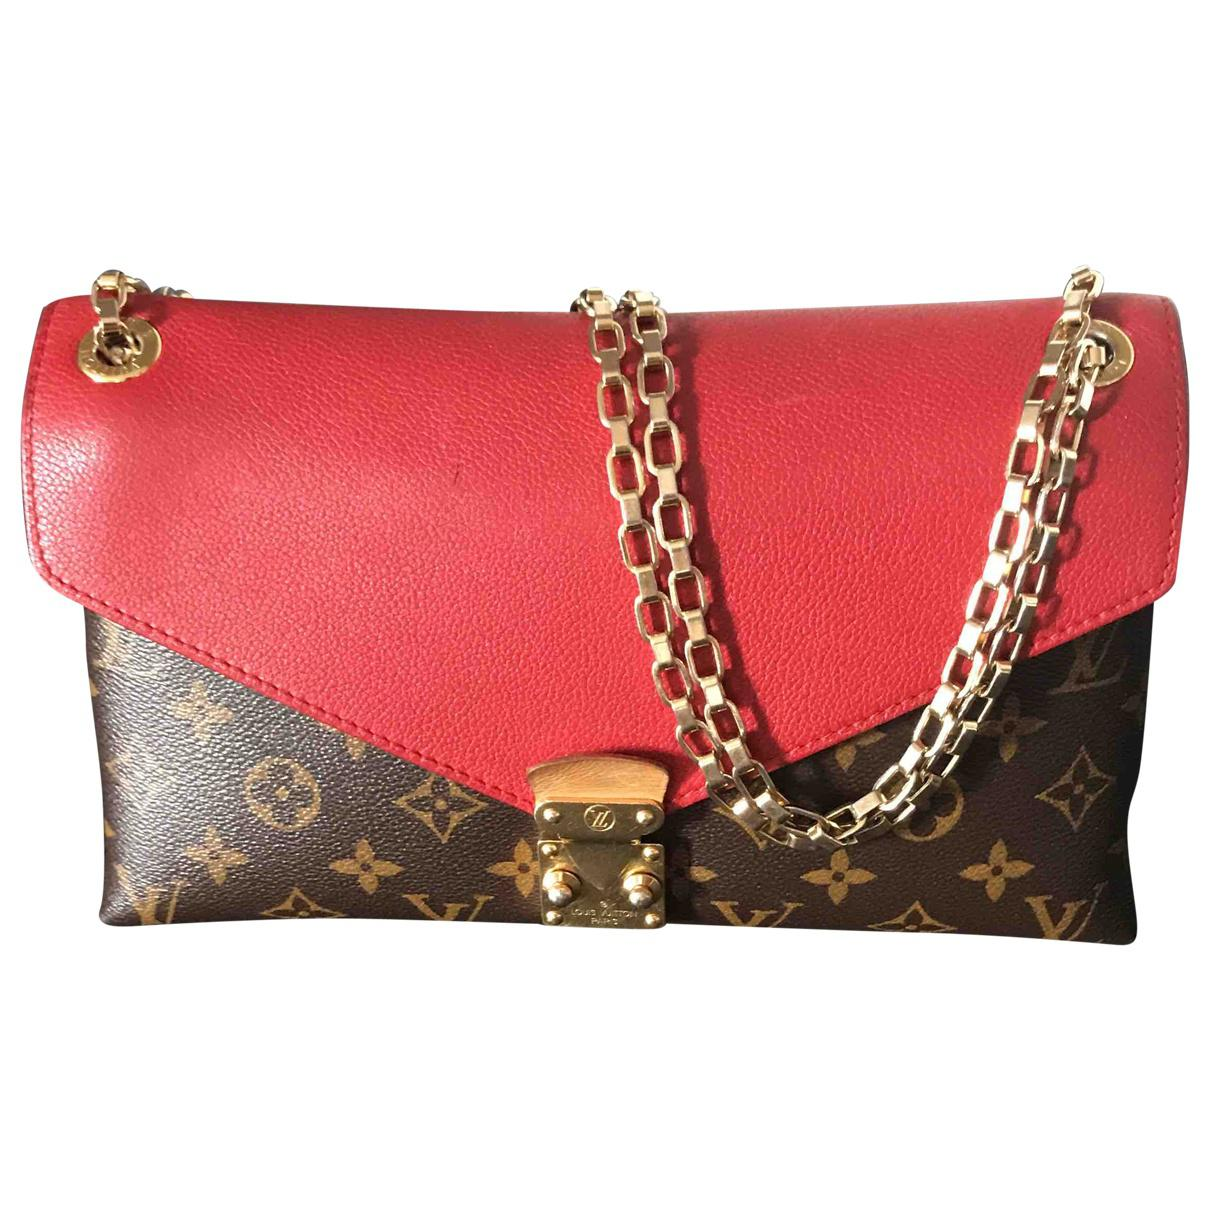 ab1ced0a5ae7 Louis Vuitton Pallas Red Cloth Handbag in Red - Save 29% - Lyst